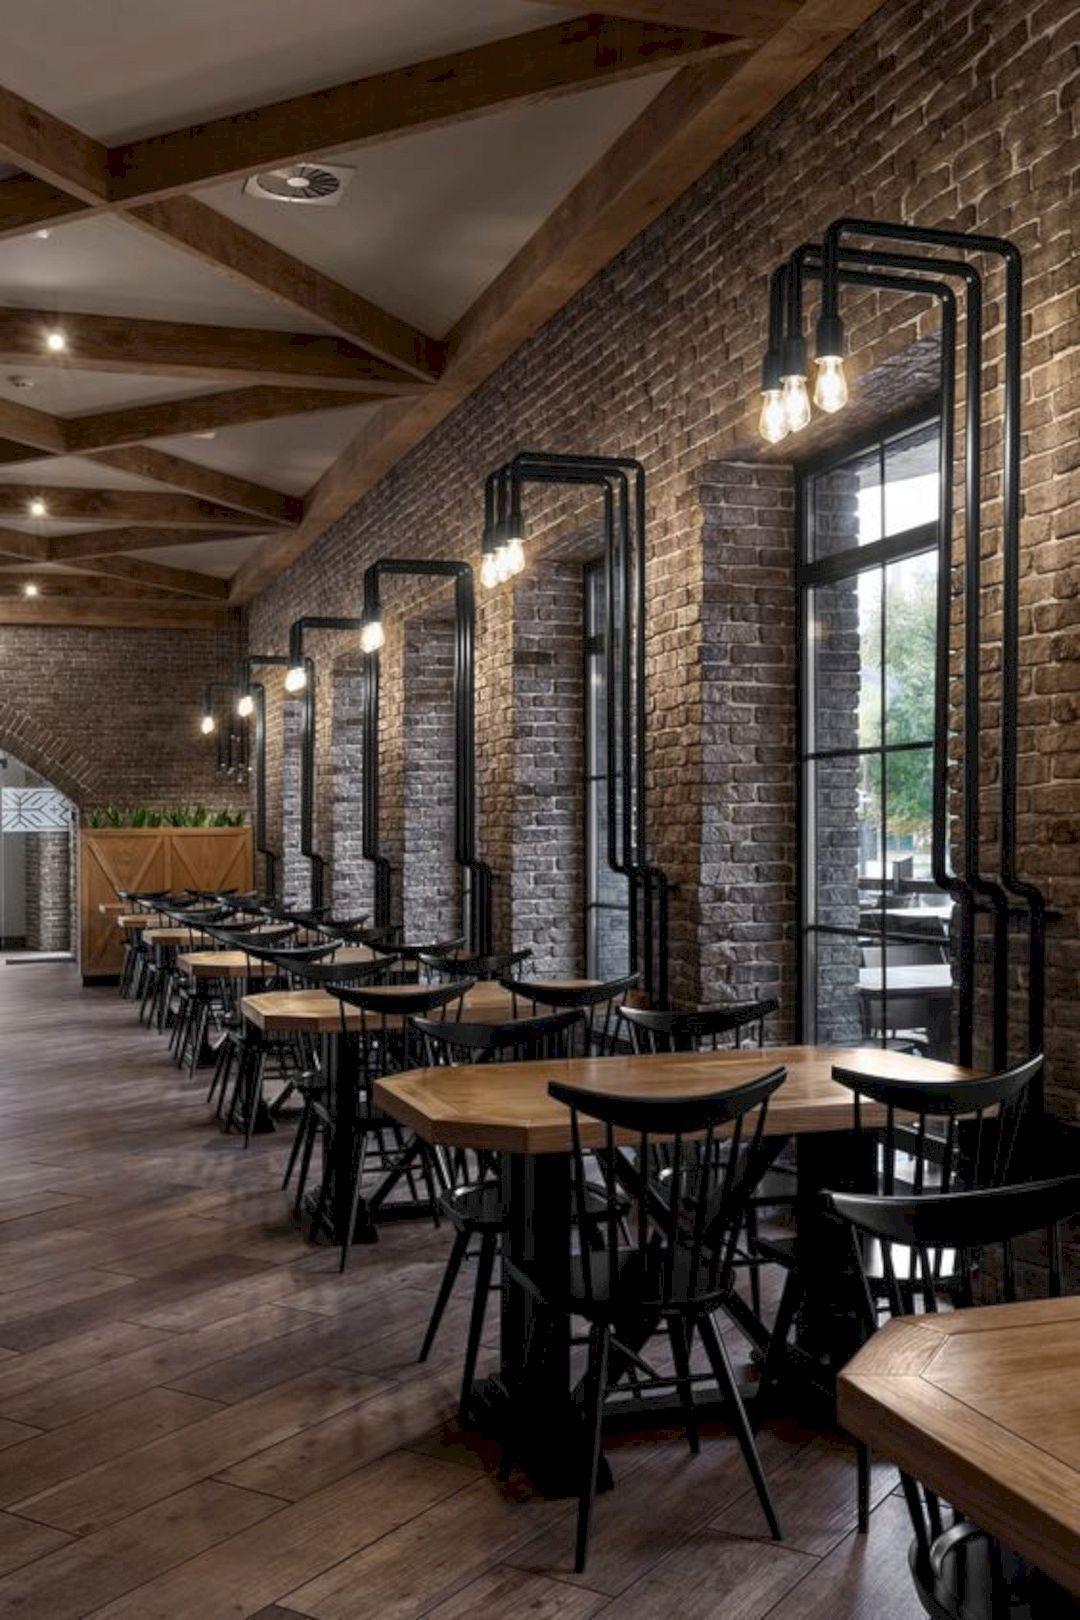 4 Amazing Bar Interior Design Ideas Restaurant Interior Design Cafe Interior Design Restaurant Interior